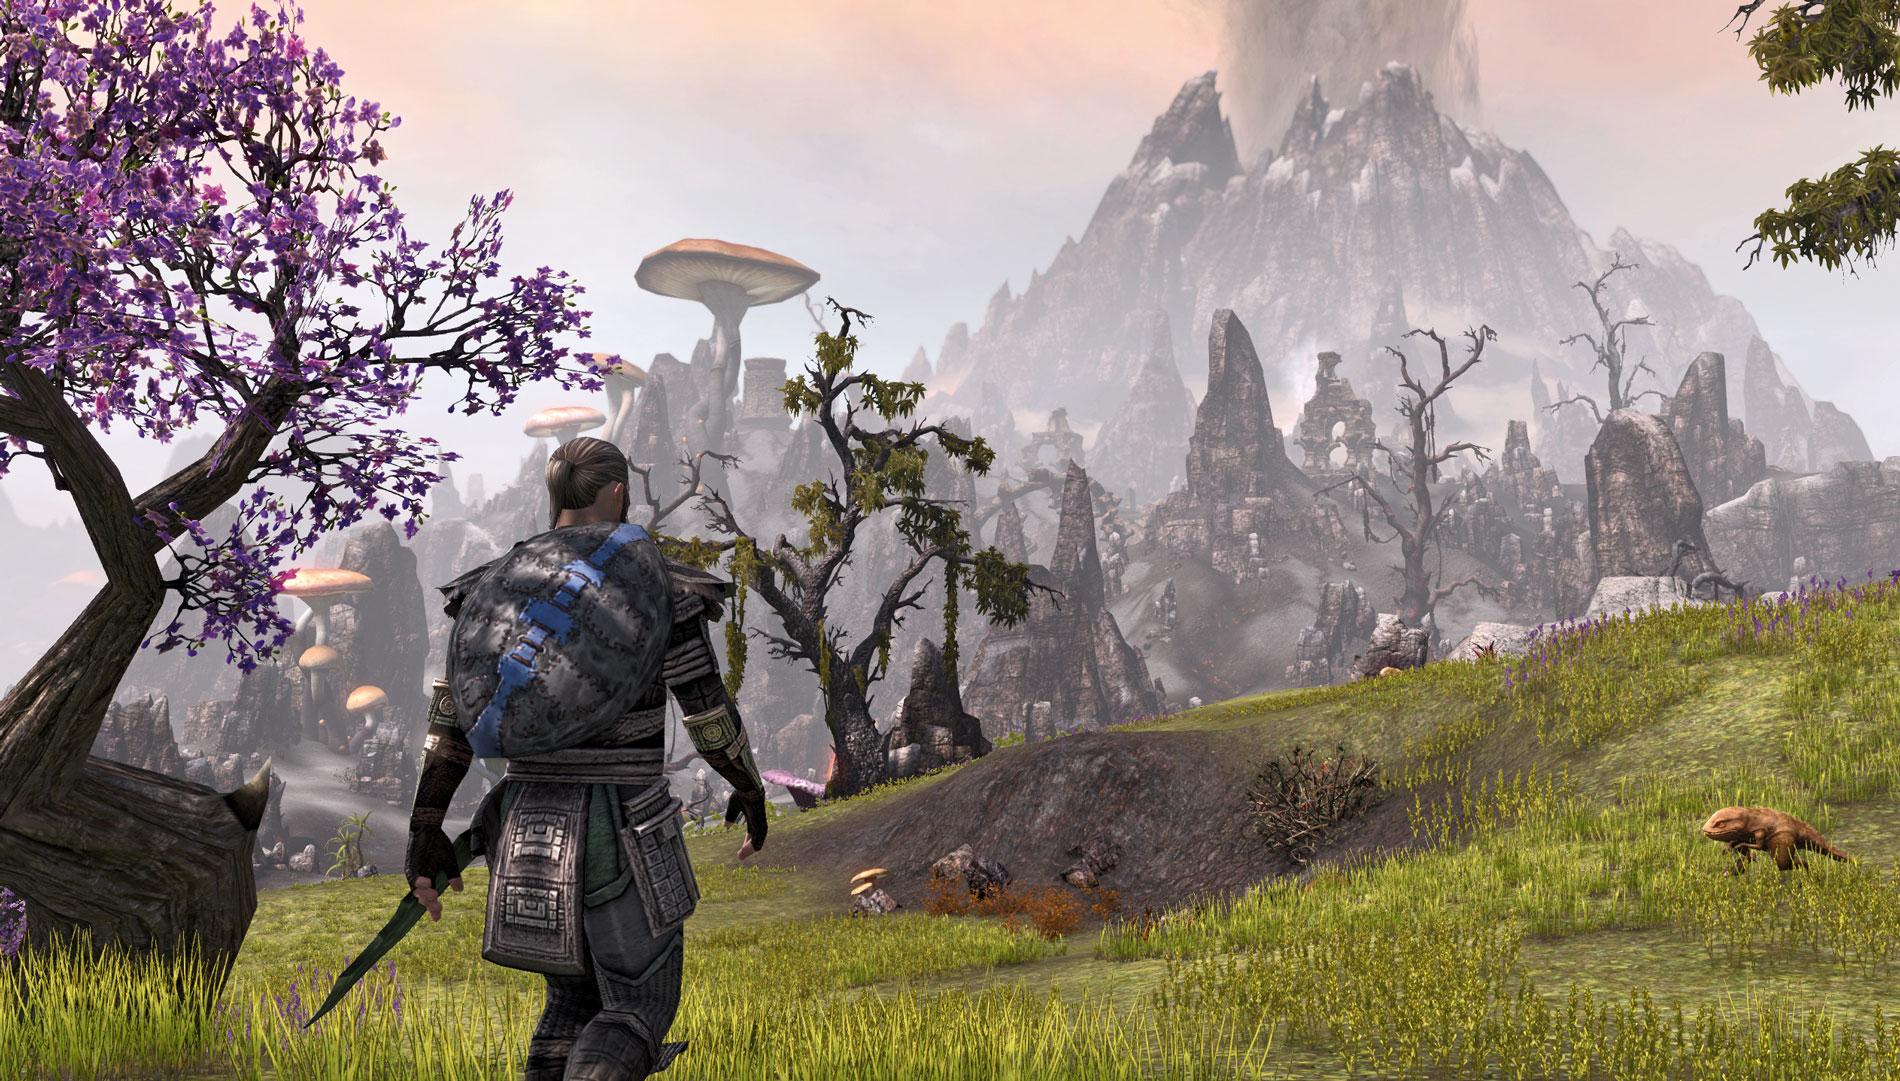 The-Elder-Scrolls-Online-fields